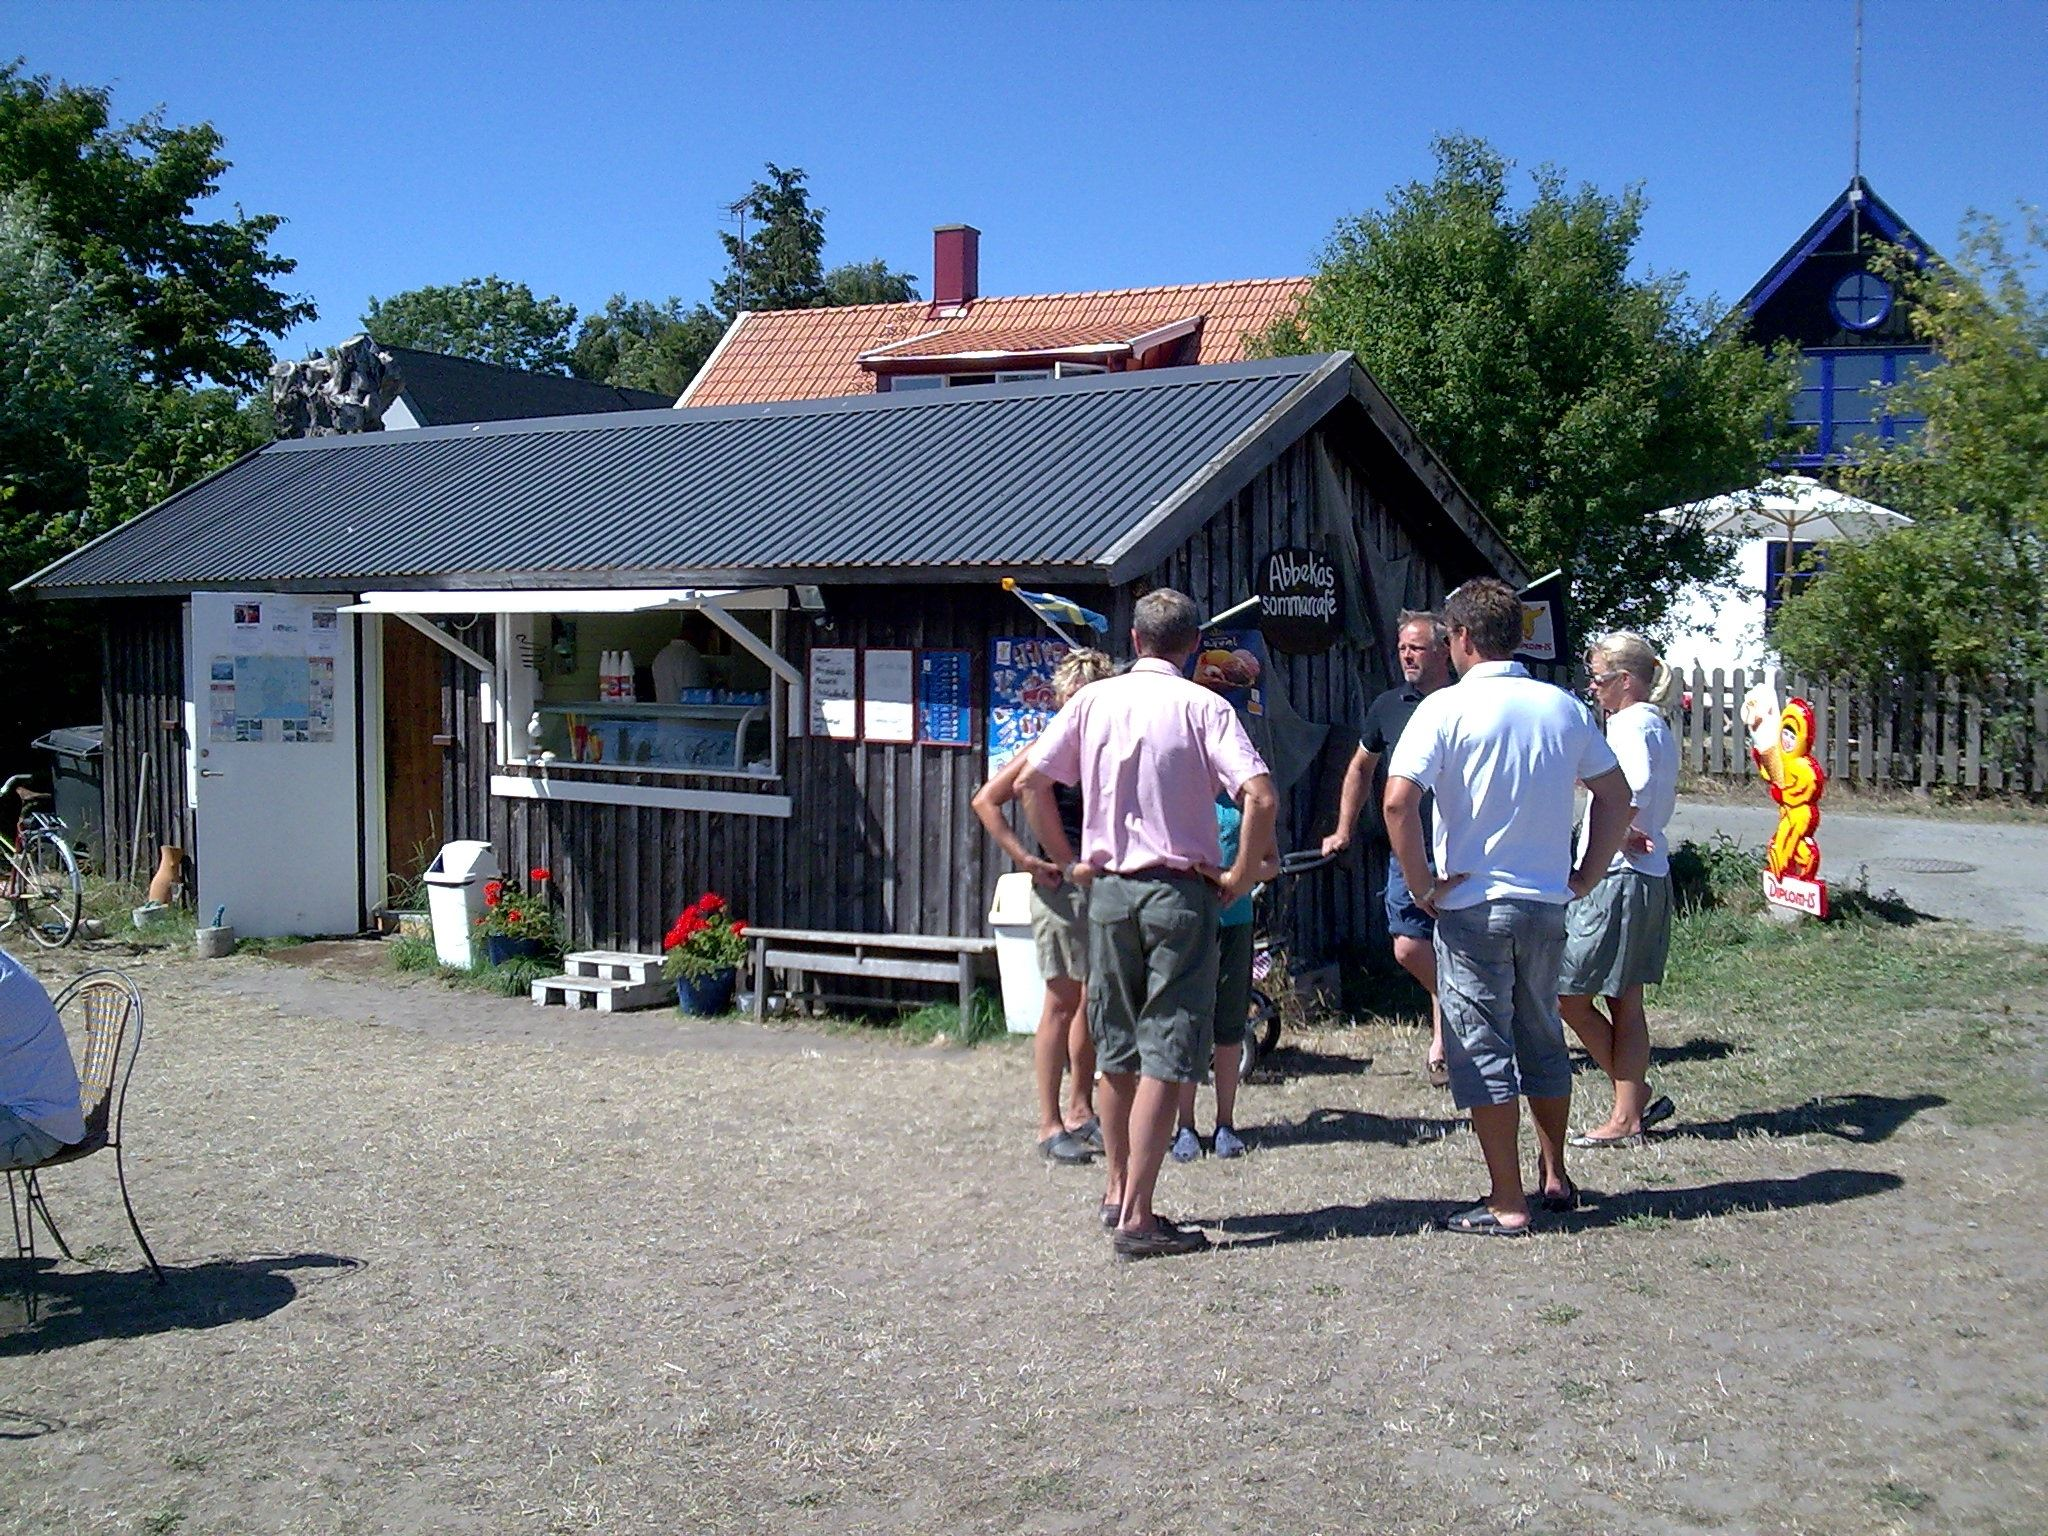 Abbekås Sommarcafé